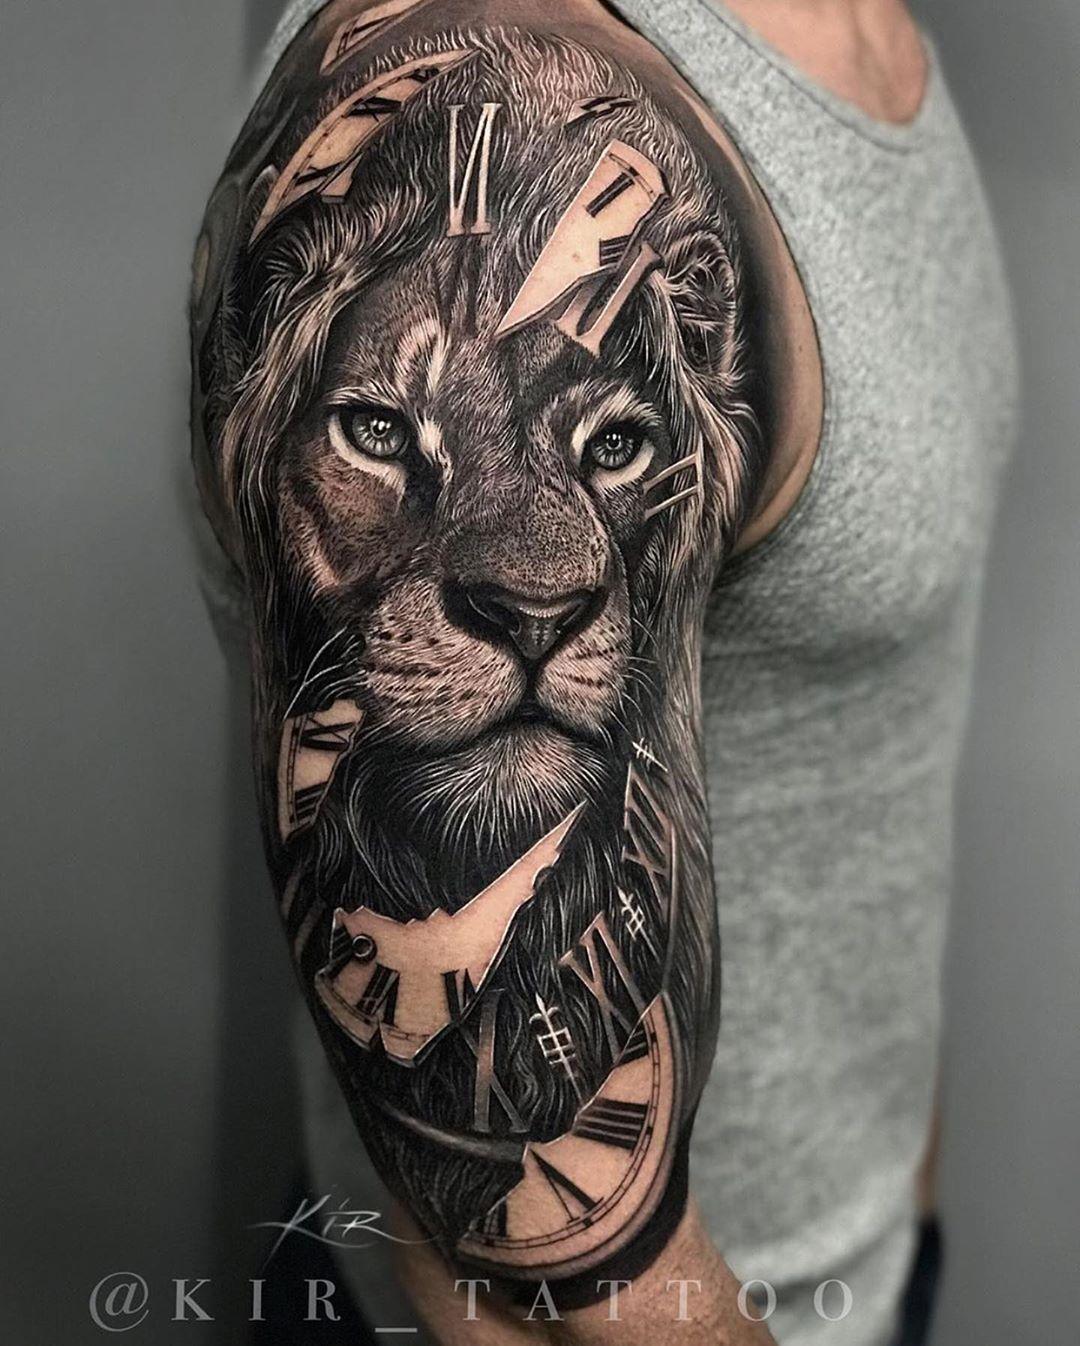 Fantastische Tattoos - die interessantesten Tattoo-Ideen + 20 kreative Tätowierungen-Designs